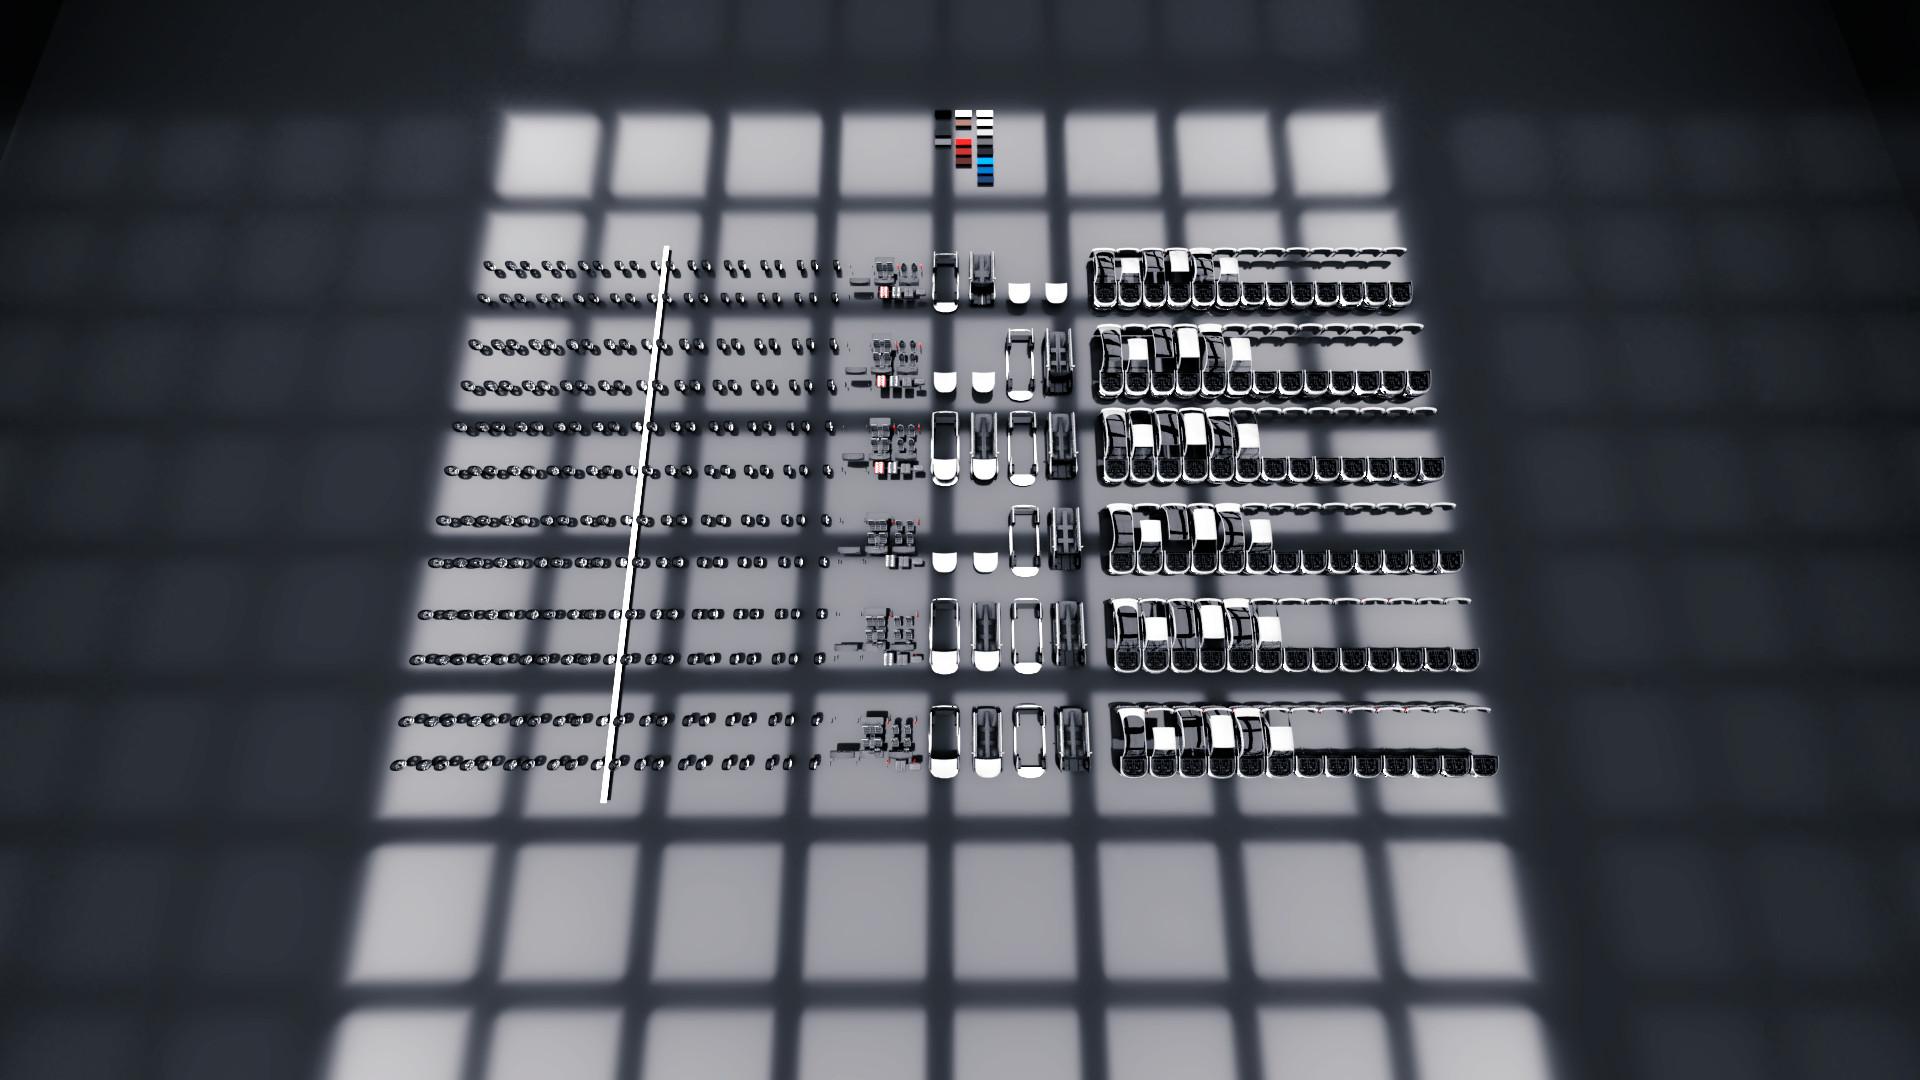 Dennis wormgoor render5